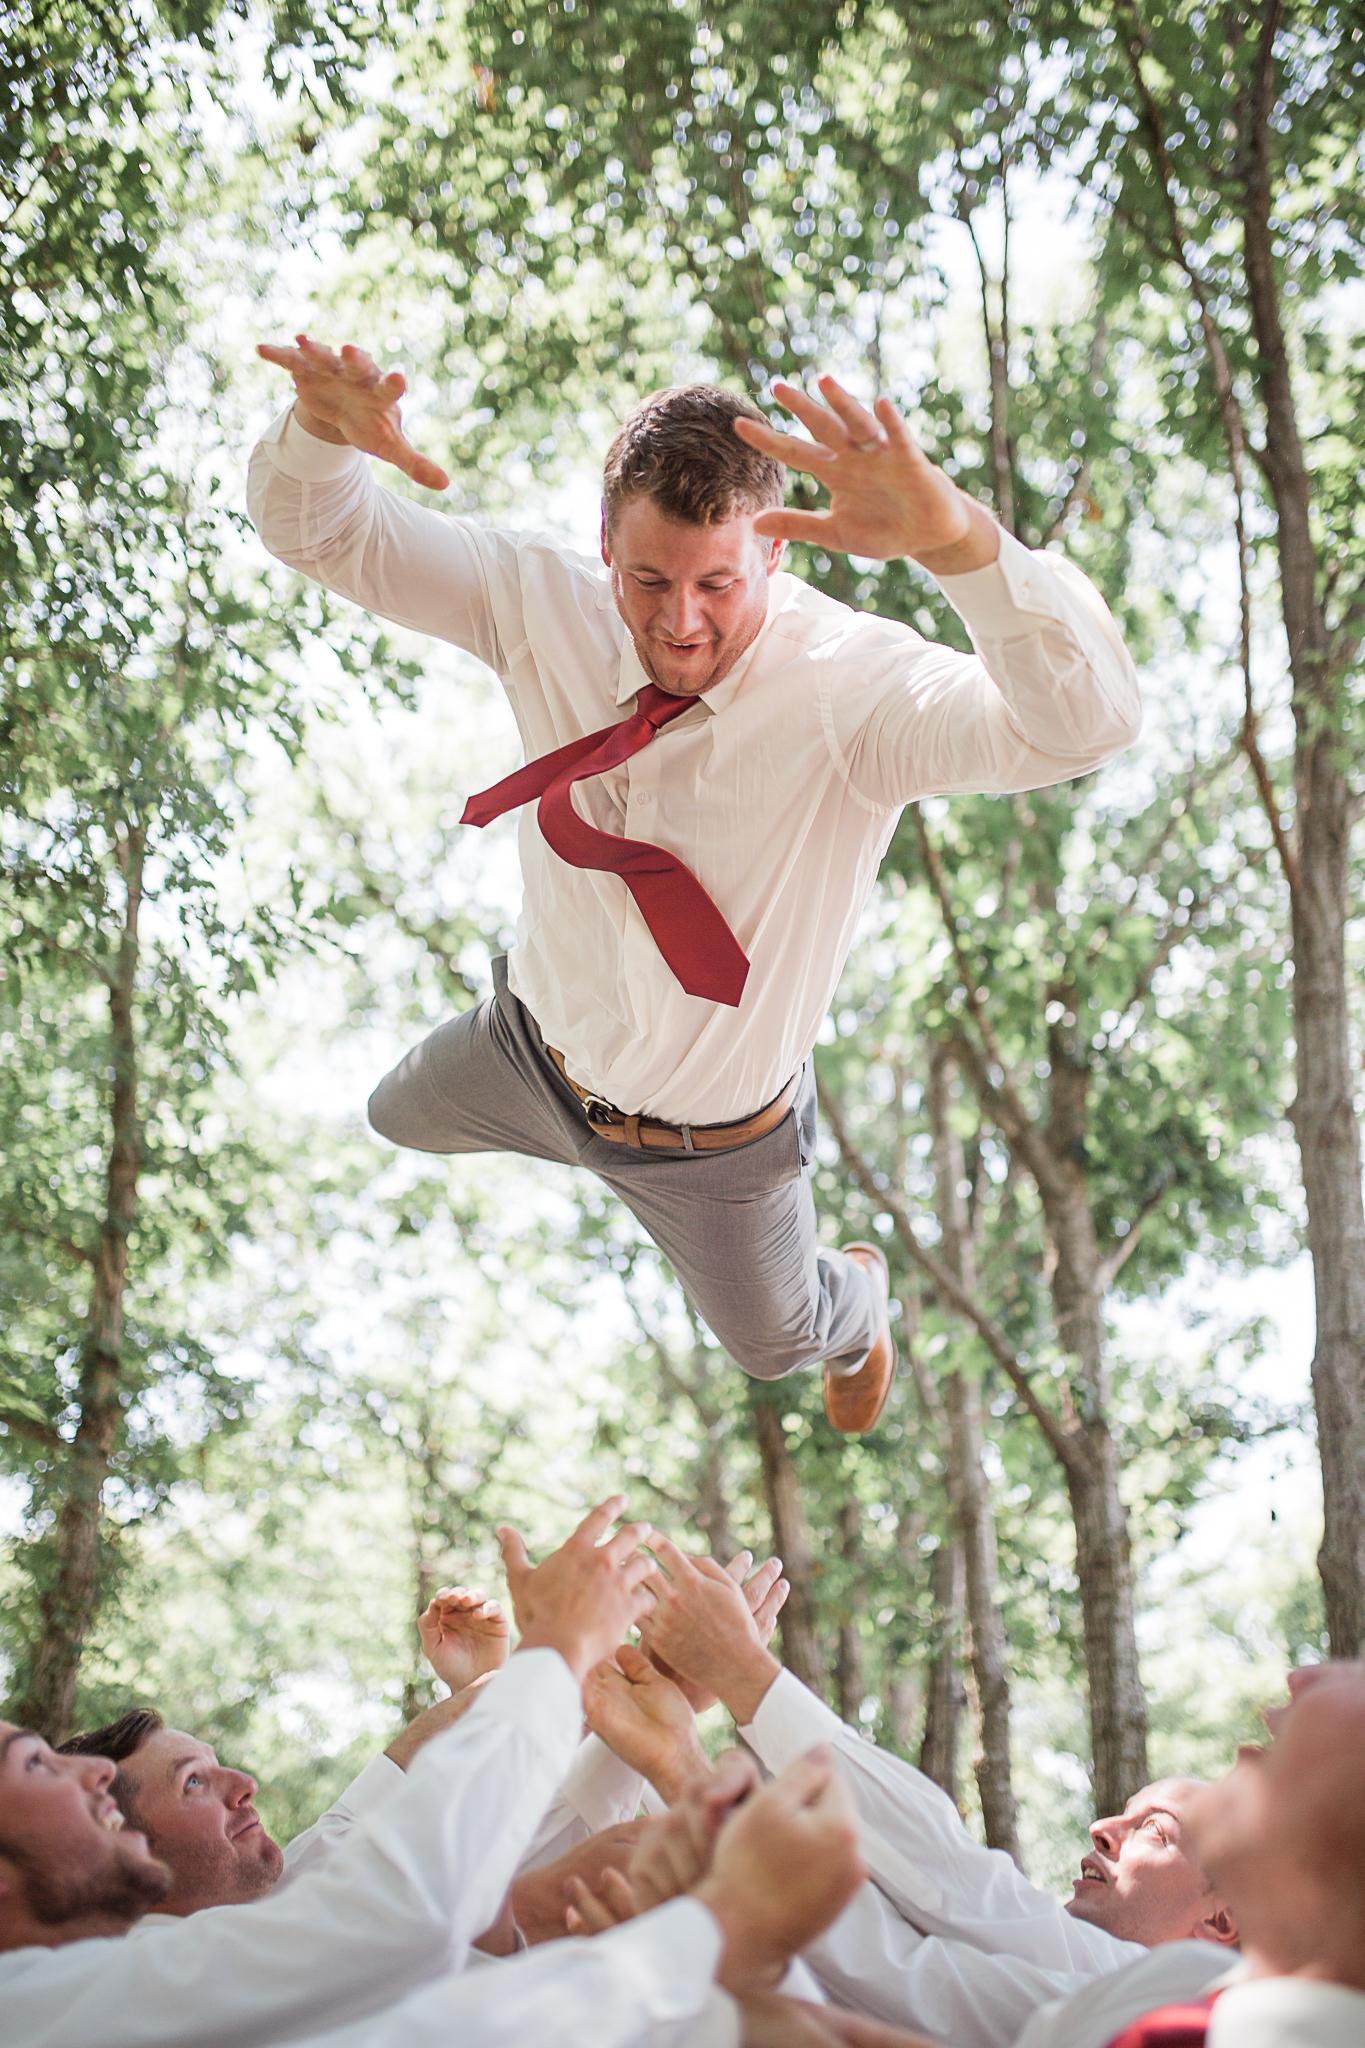 Groom toss by groomsmen outdoors